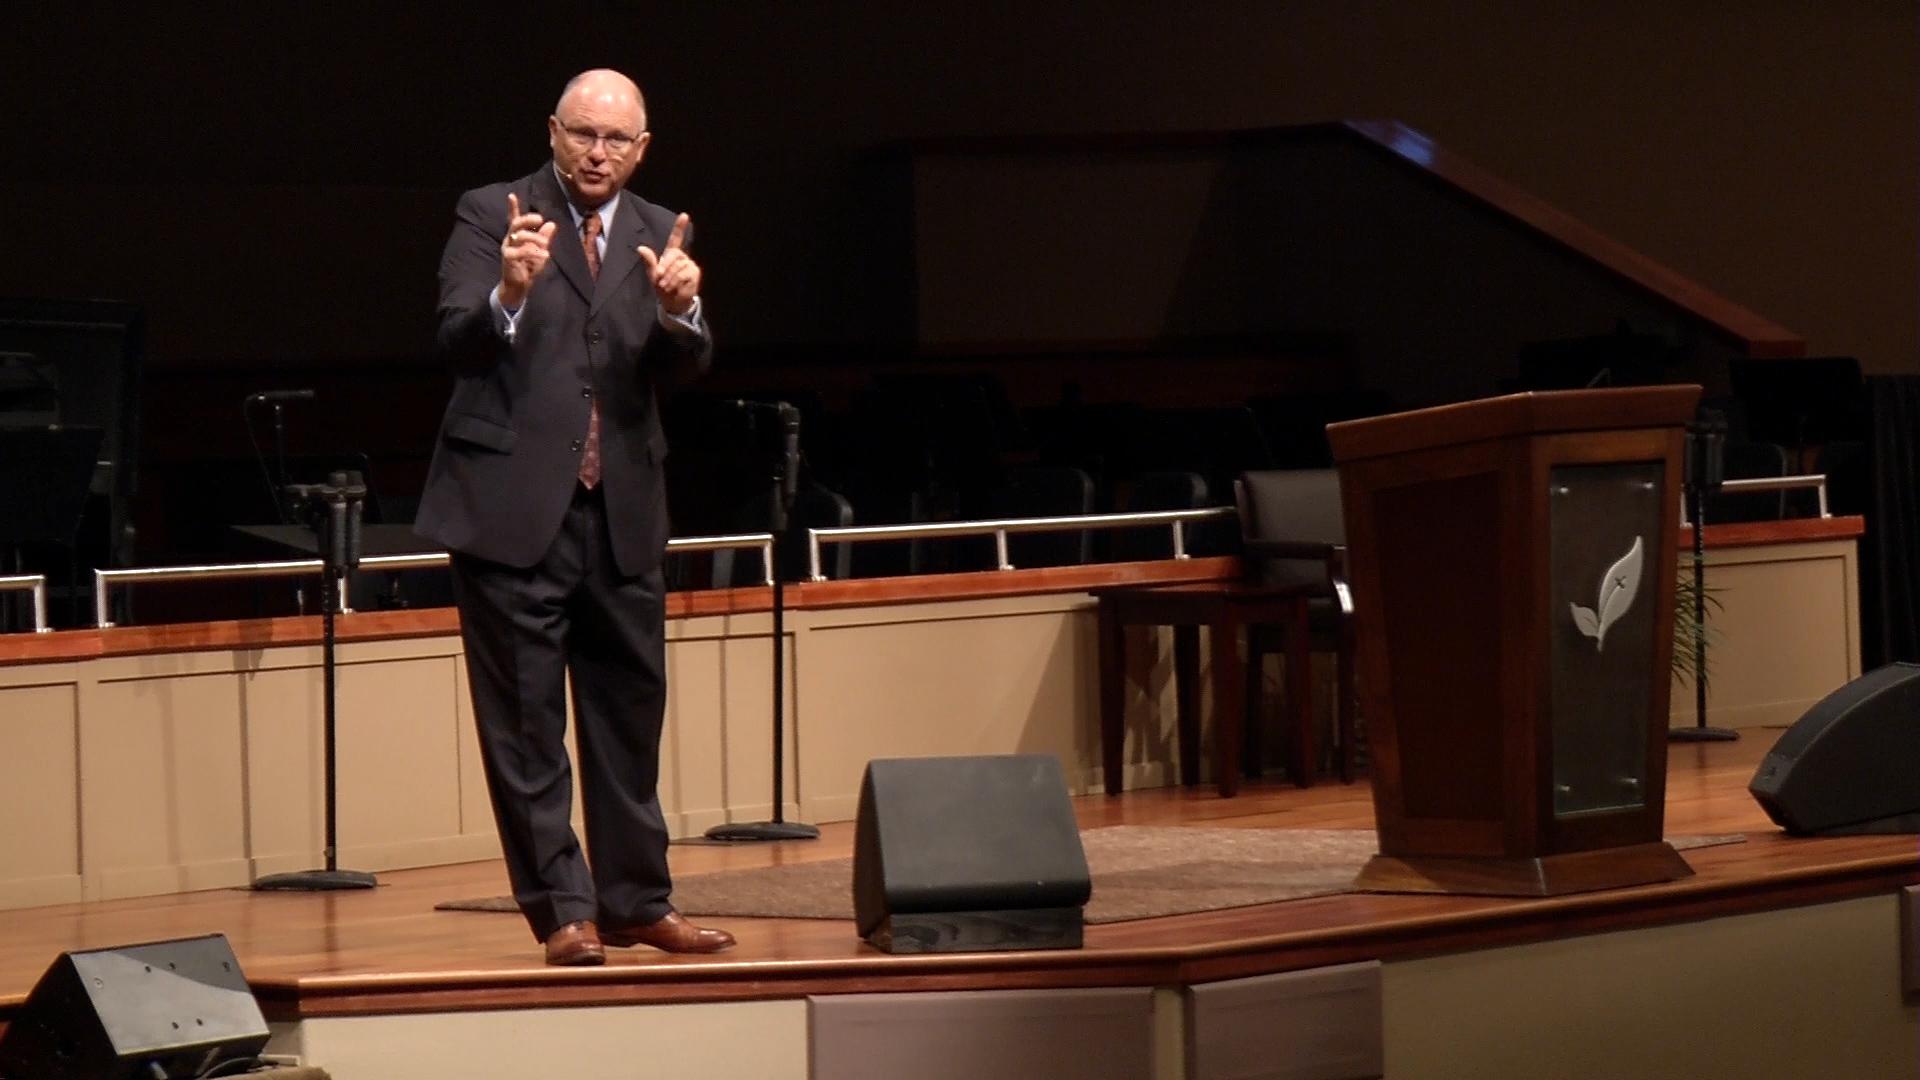 Pastor Paul Chappell: Preparing for Harvest